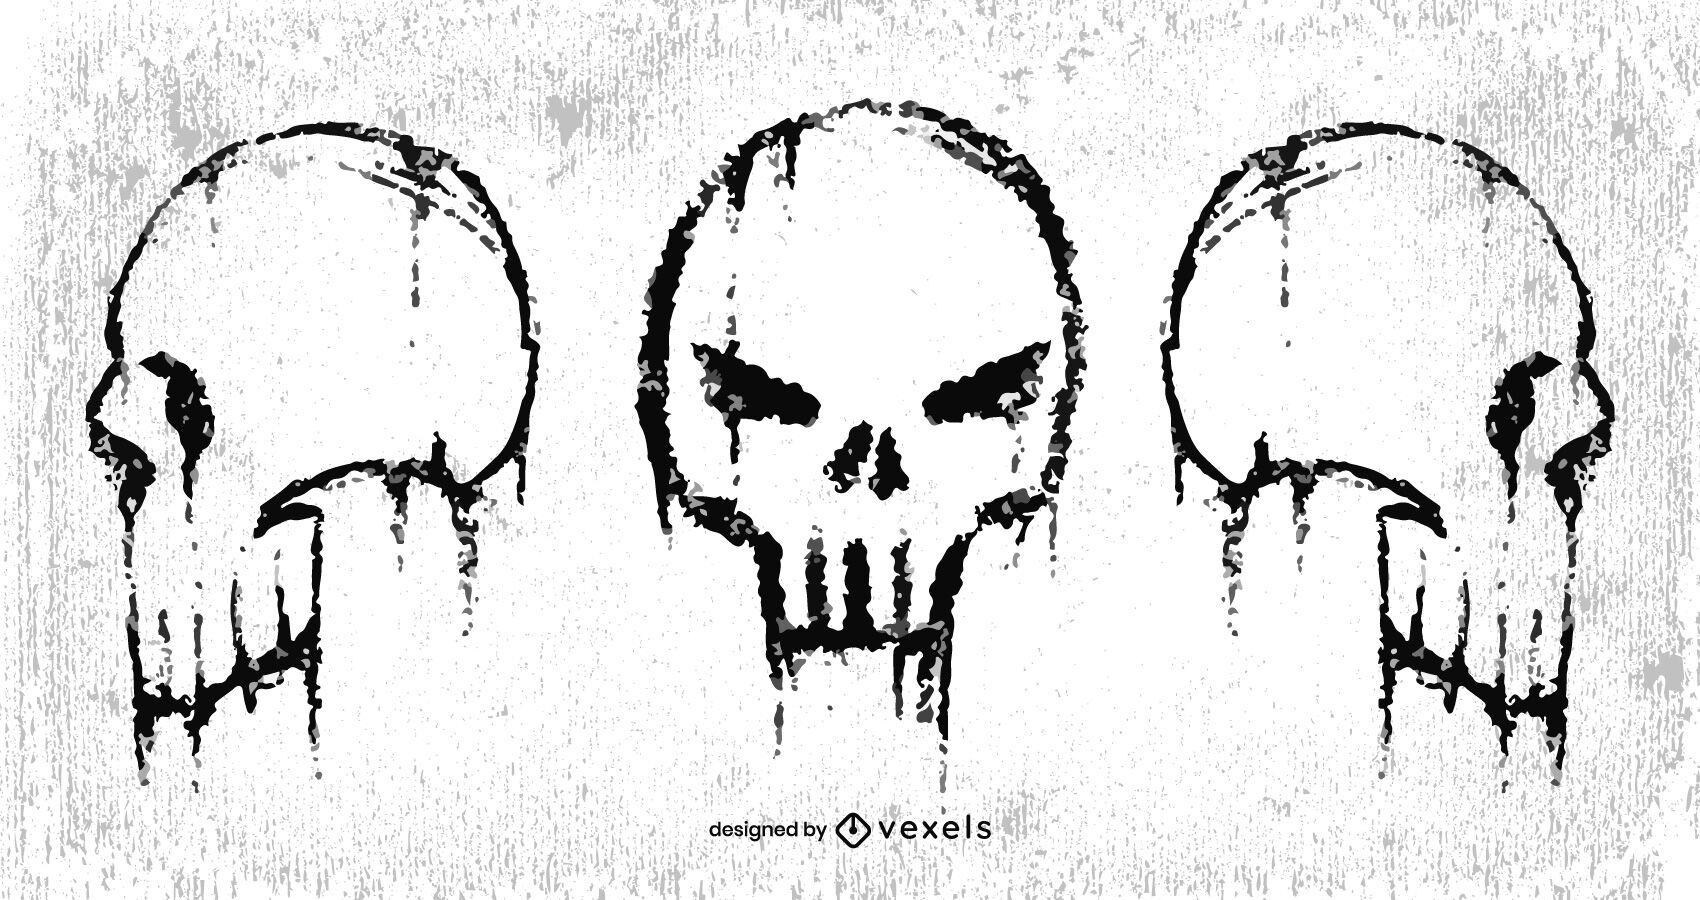 Cenografia de caveiras sem mandíbula